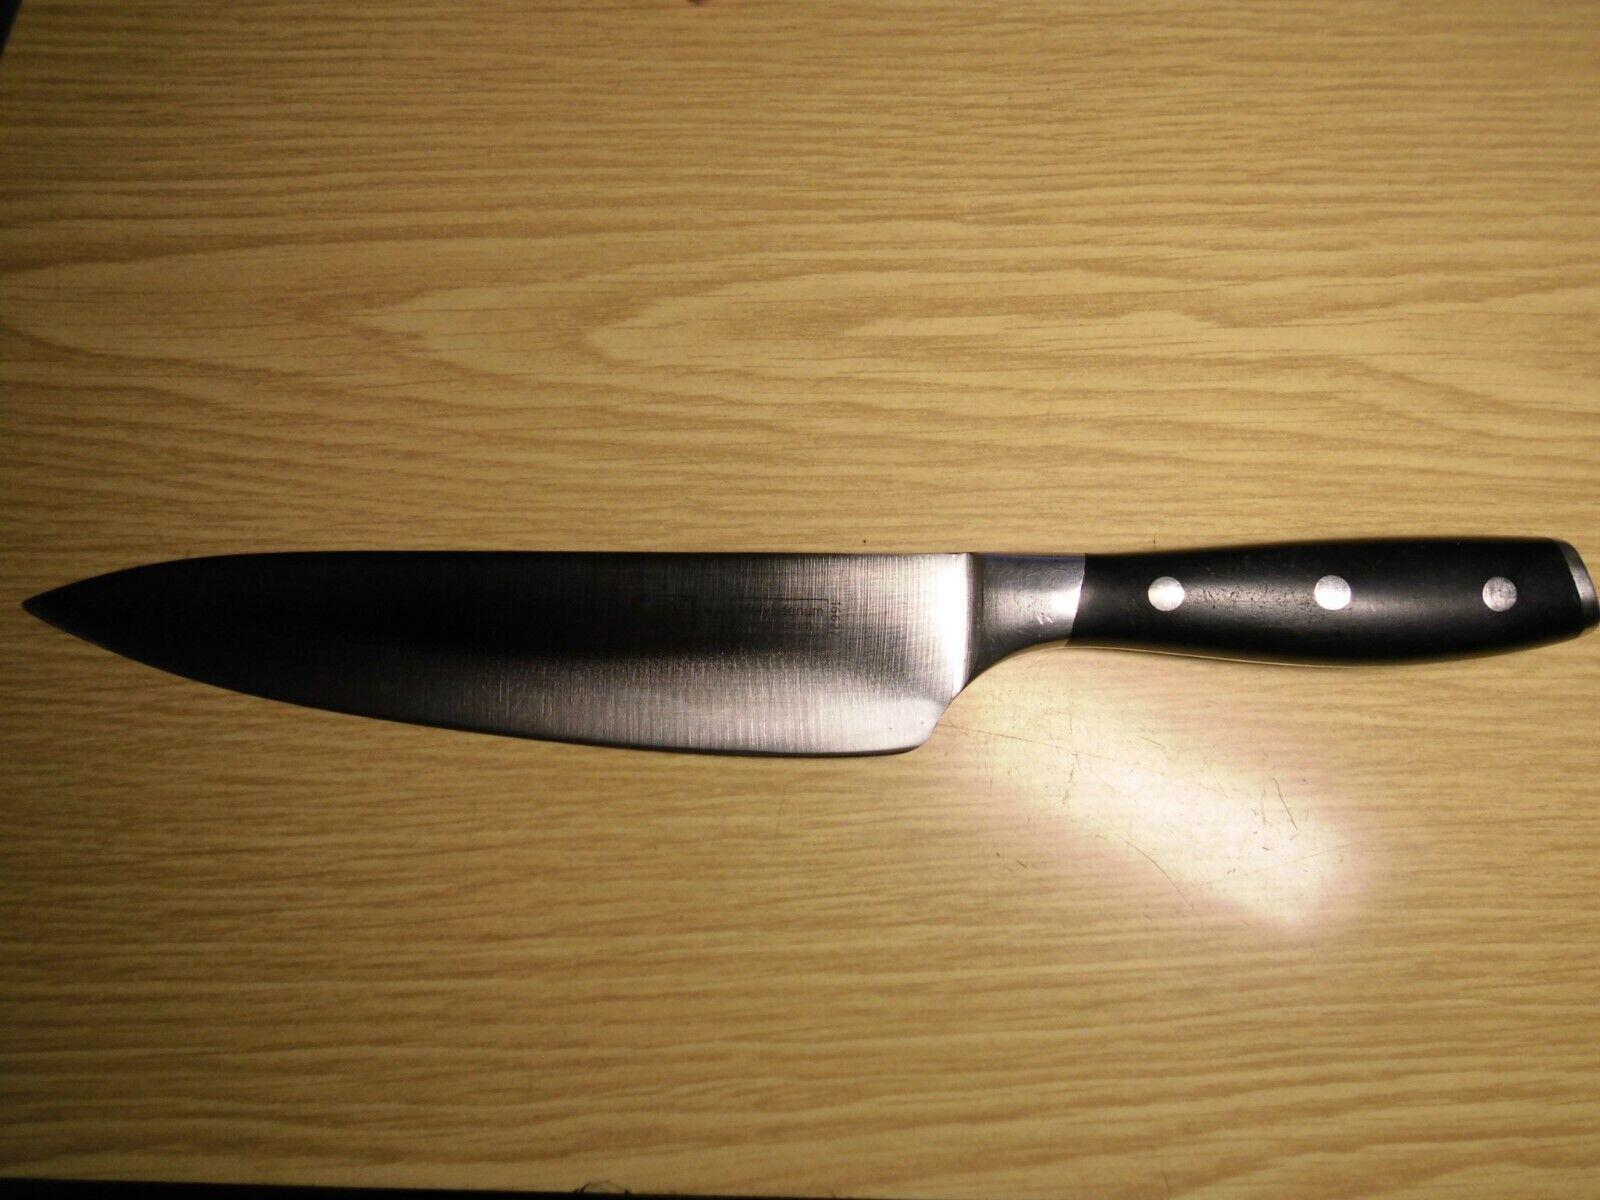 Messer Metzgermesser Schlachtermesser Küchemesser Grillmesser 200mm 8 Brotmesser